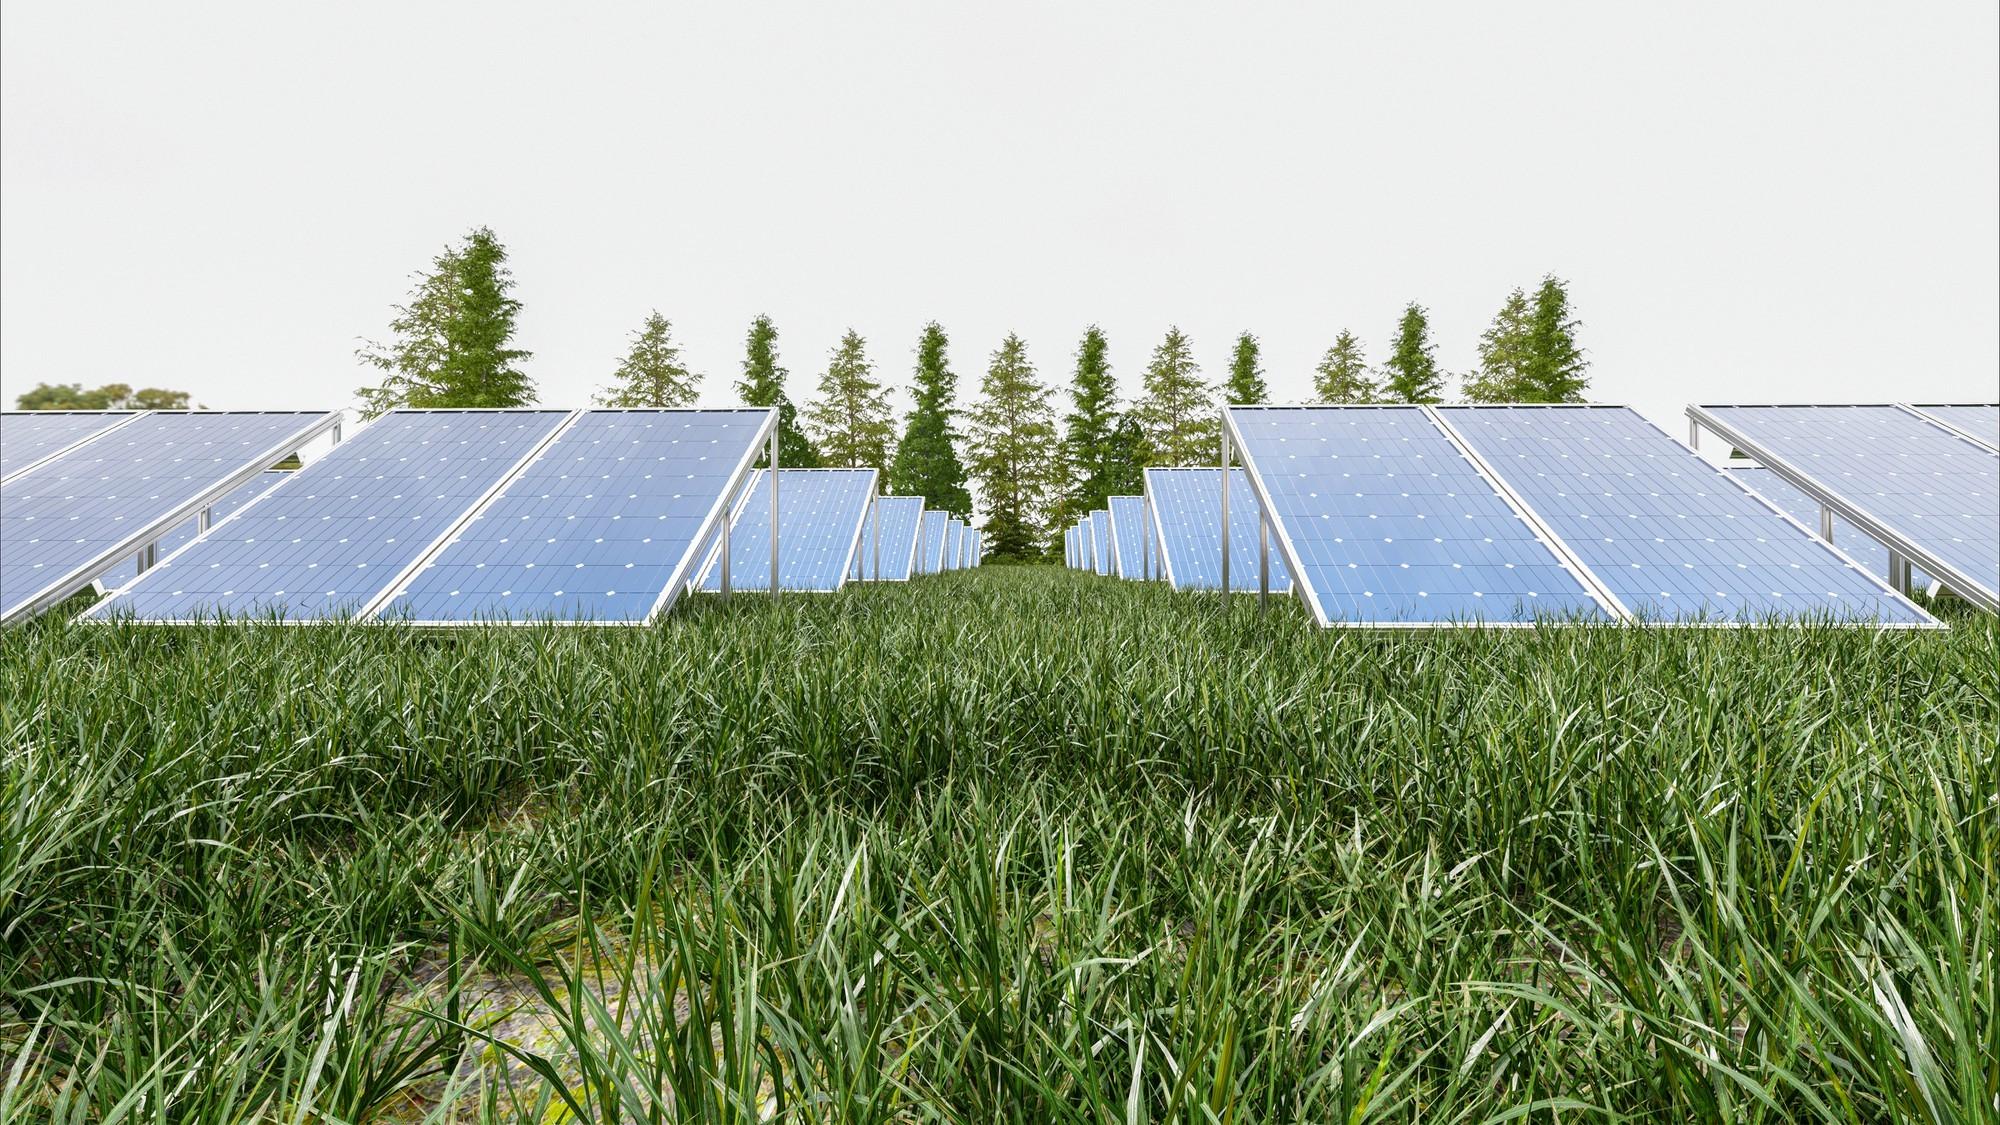 Conheça os principais mitos e verdades sobre a energia solar no Brasil